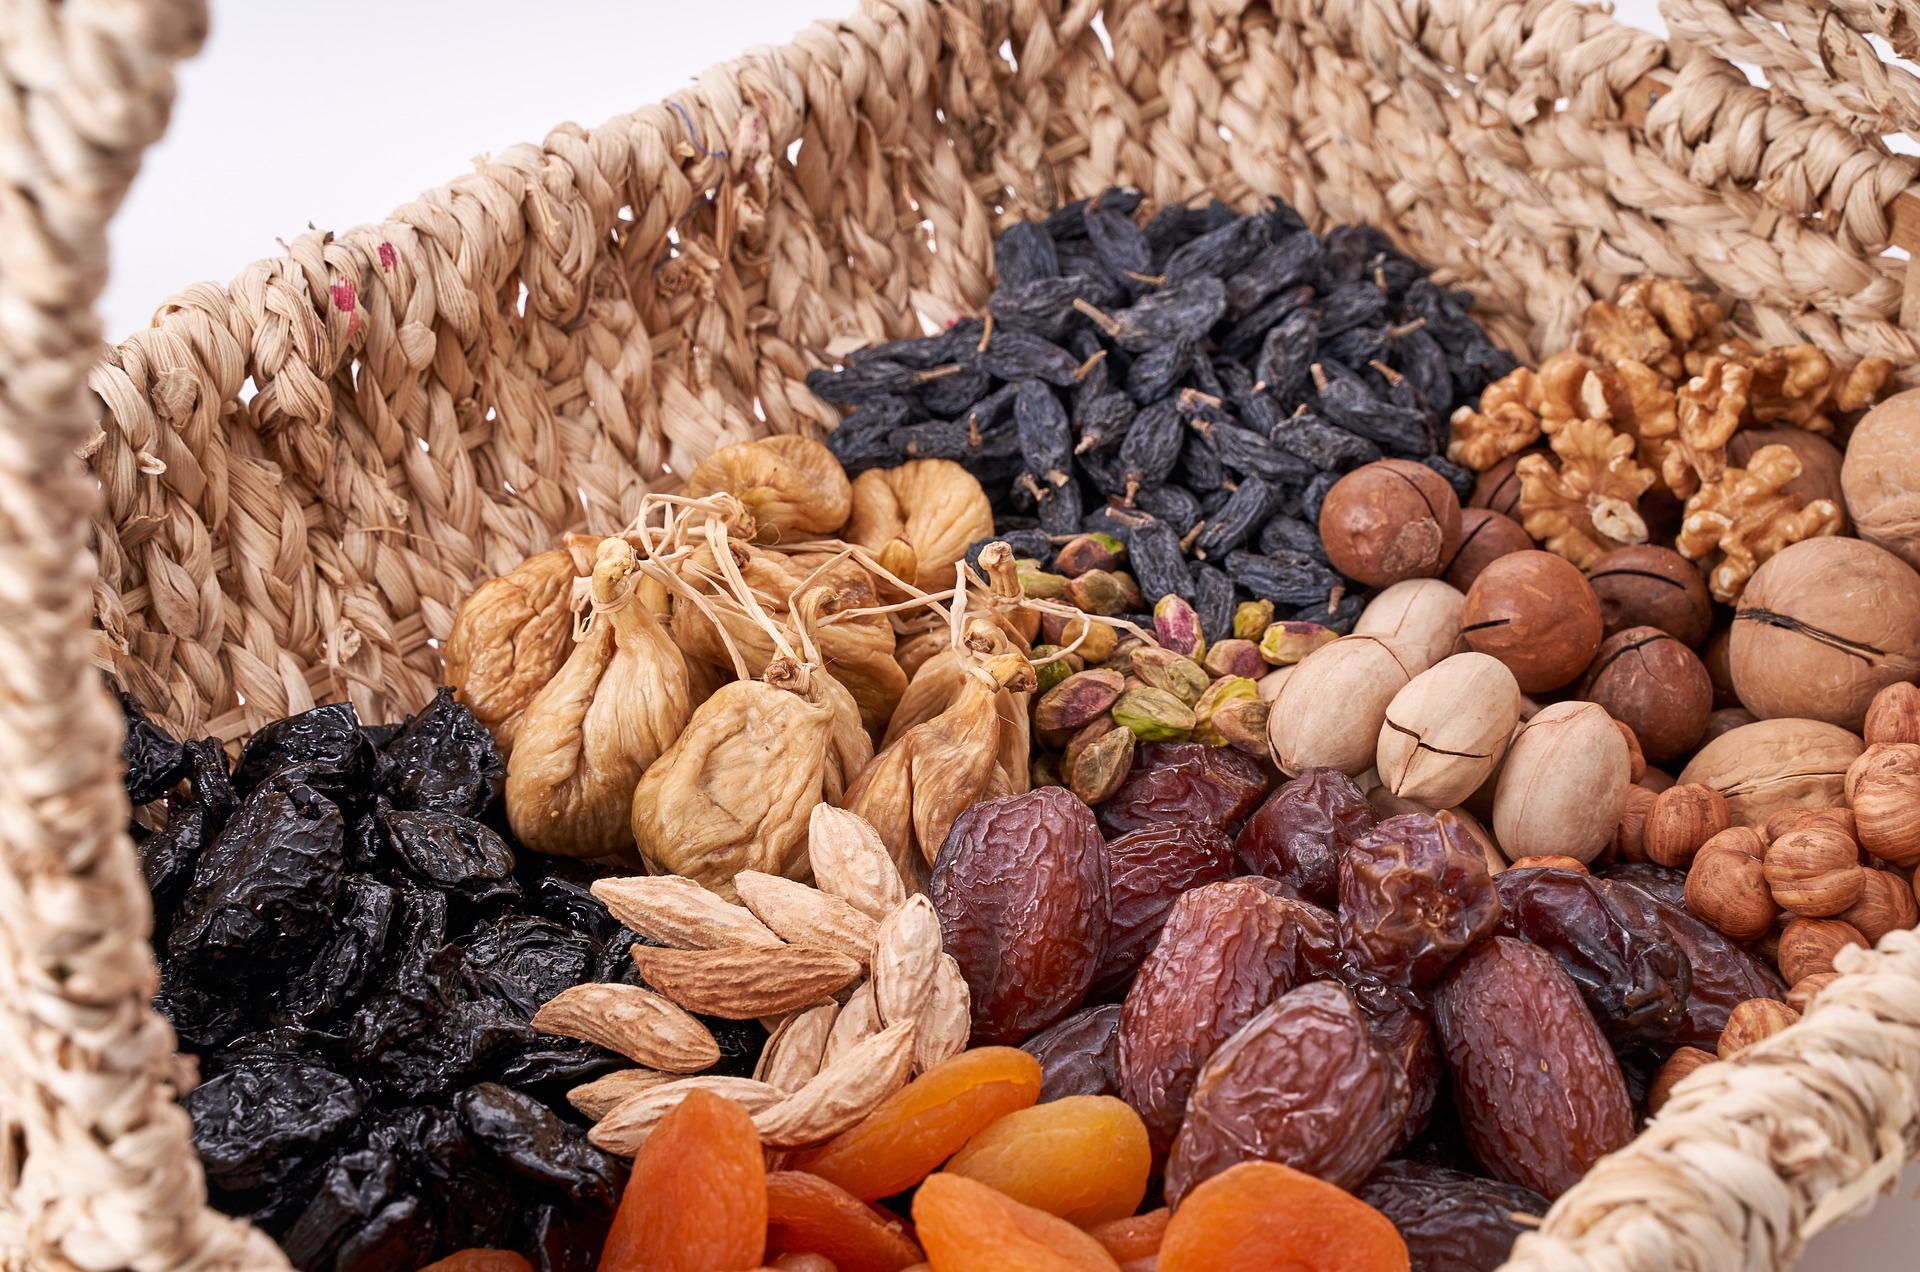 nuci seminte si alune - sfatulparintilor.ro - pixabay_com - nuts-4692360_1920